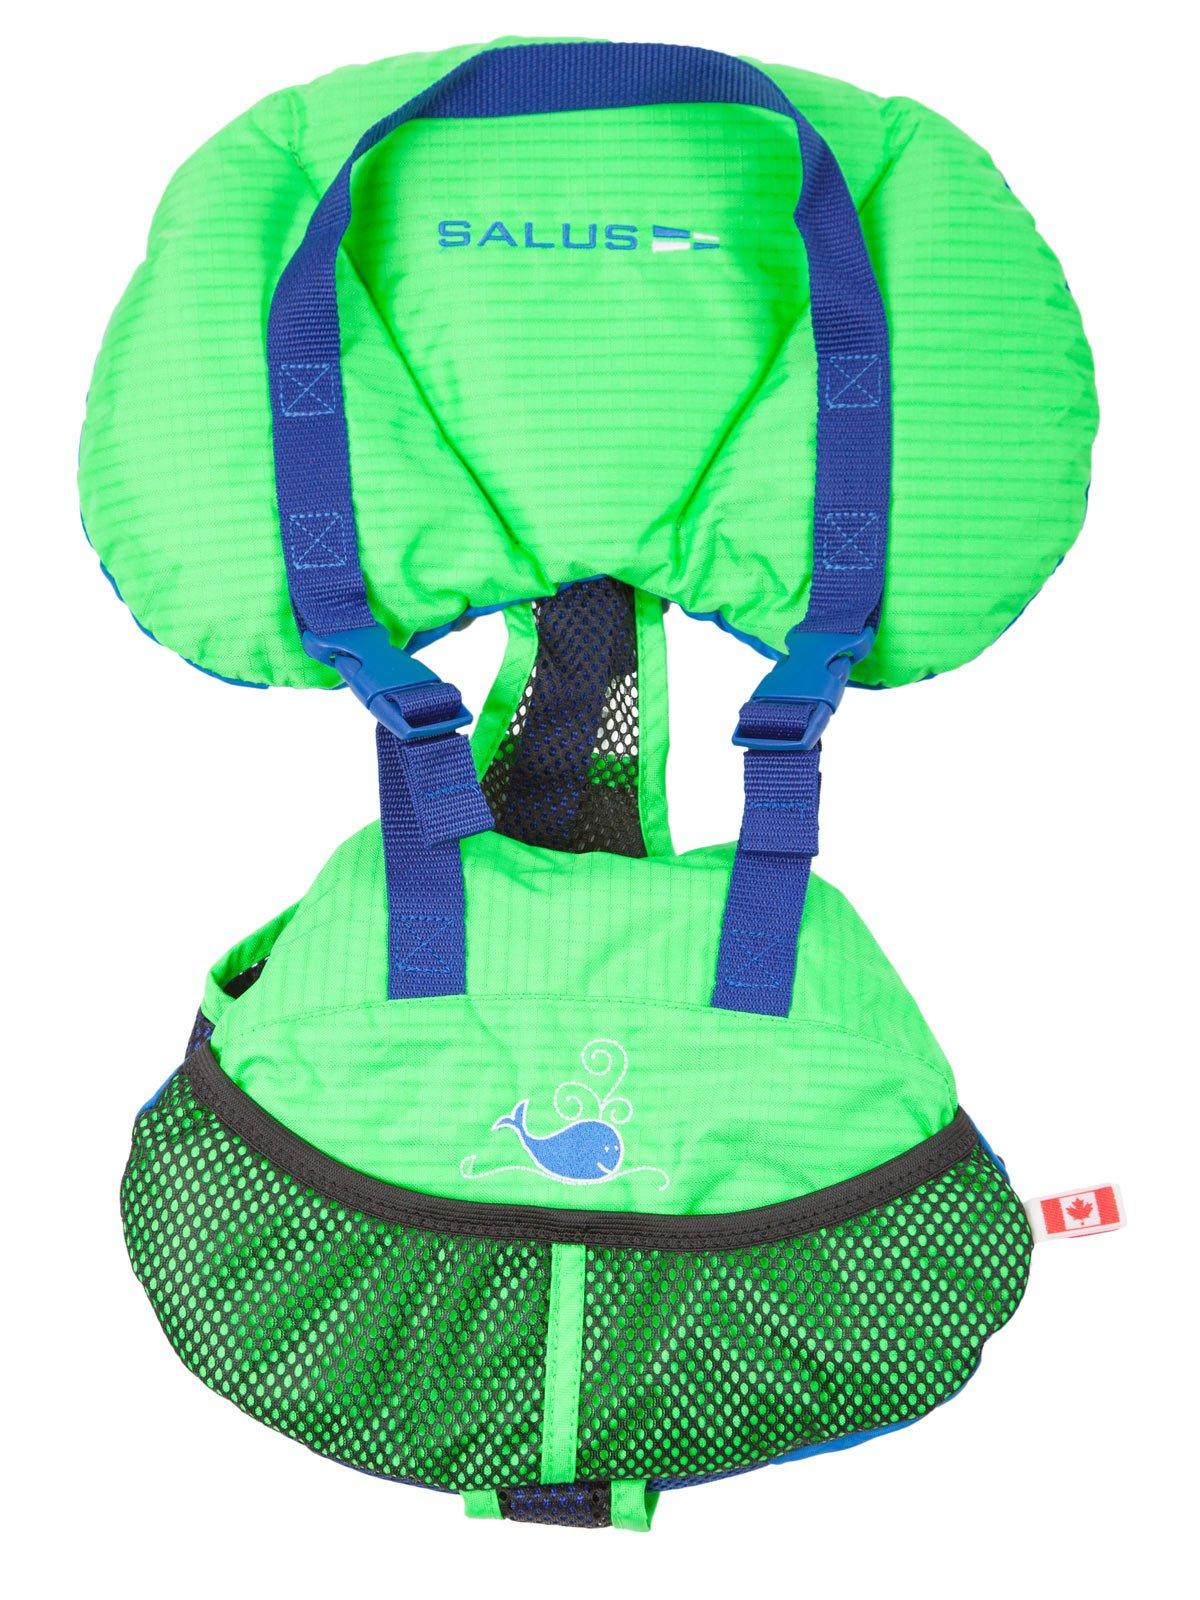 Salus Bijoux Baby Vest - Lime